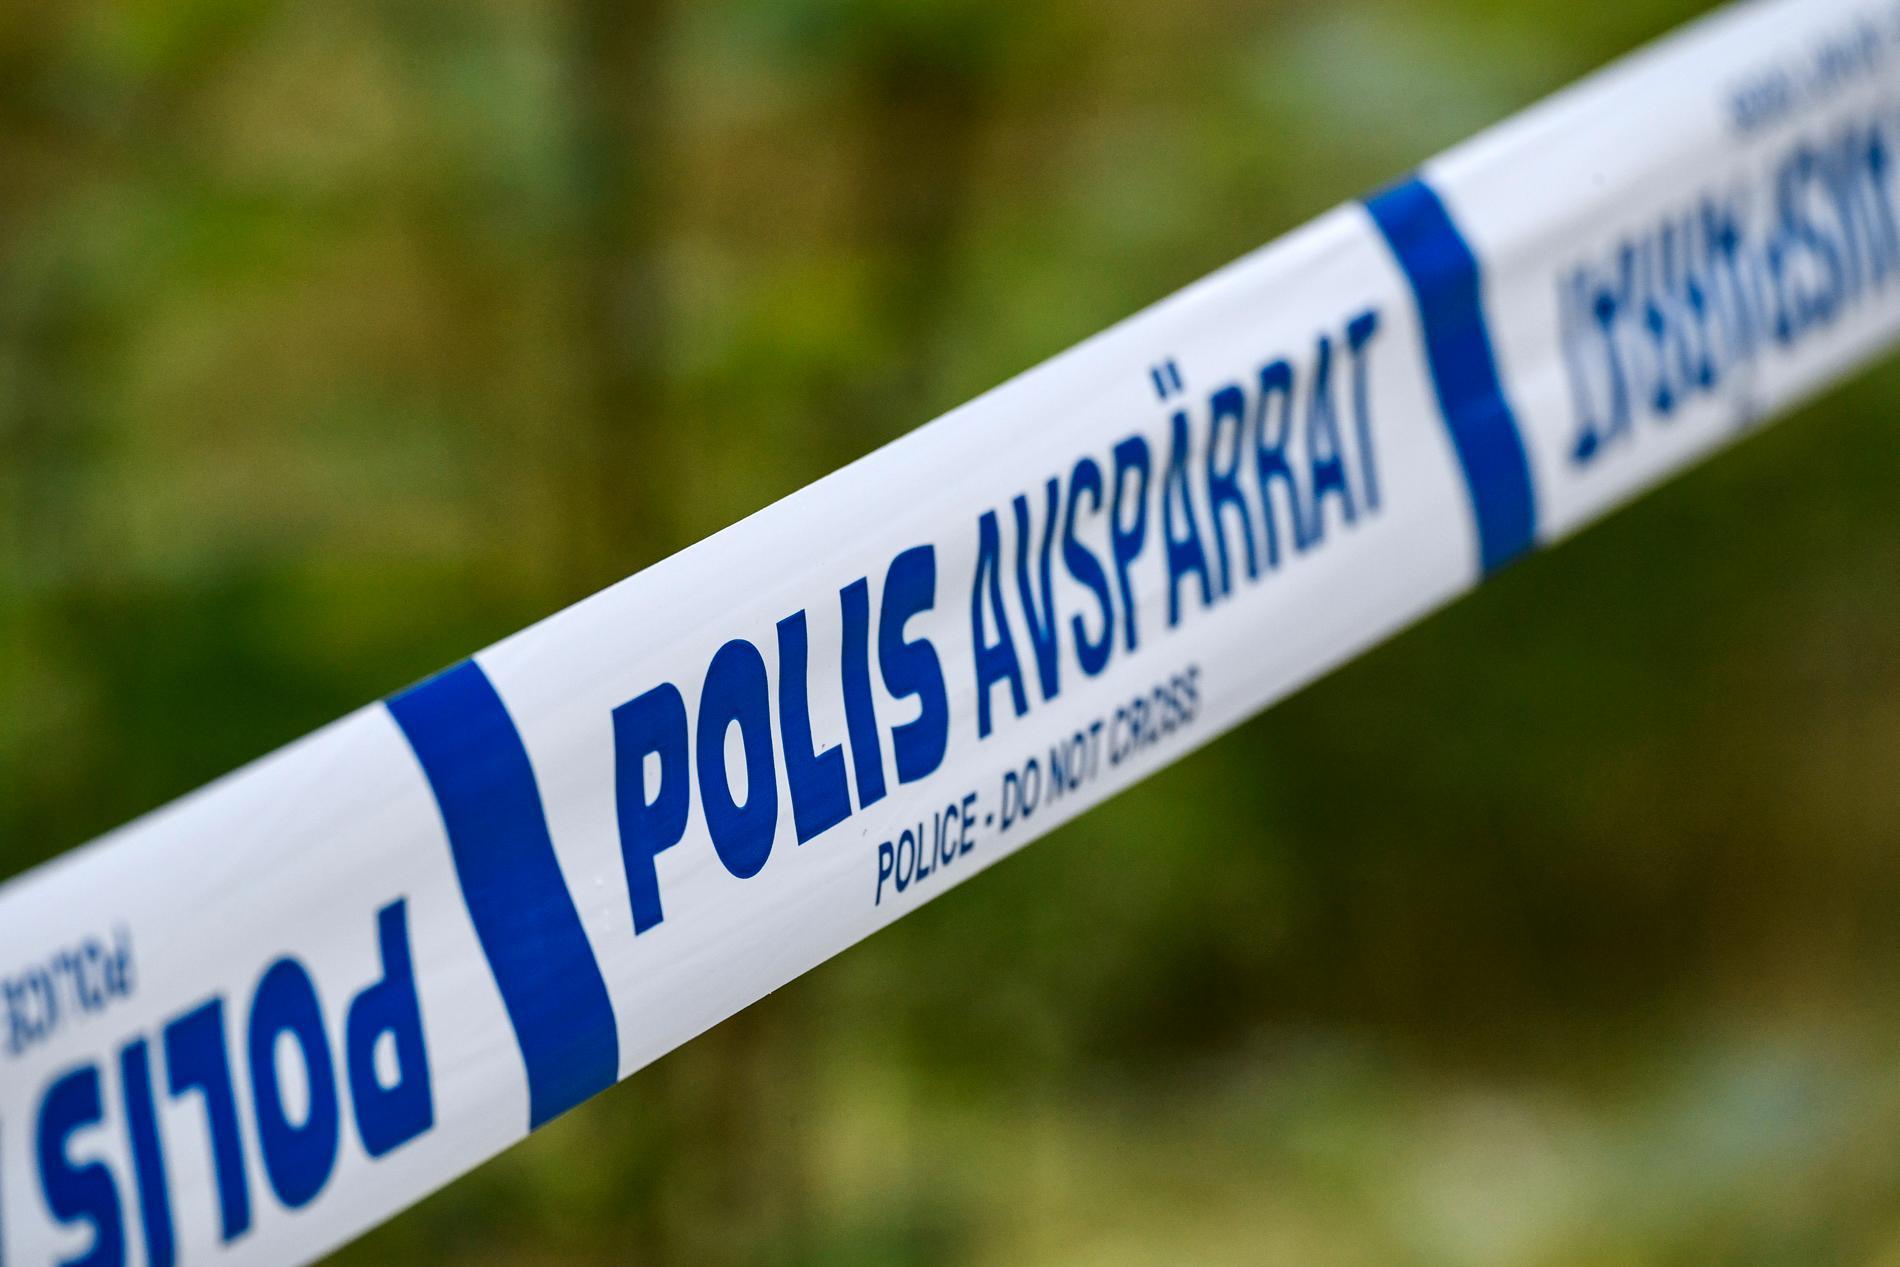 Fyra flickor fördes till sjukhus efter en krock mot ett träd i Timråtrakten. Arkivbild.